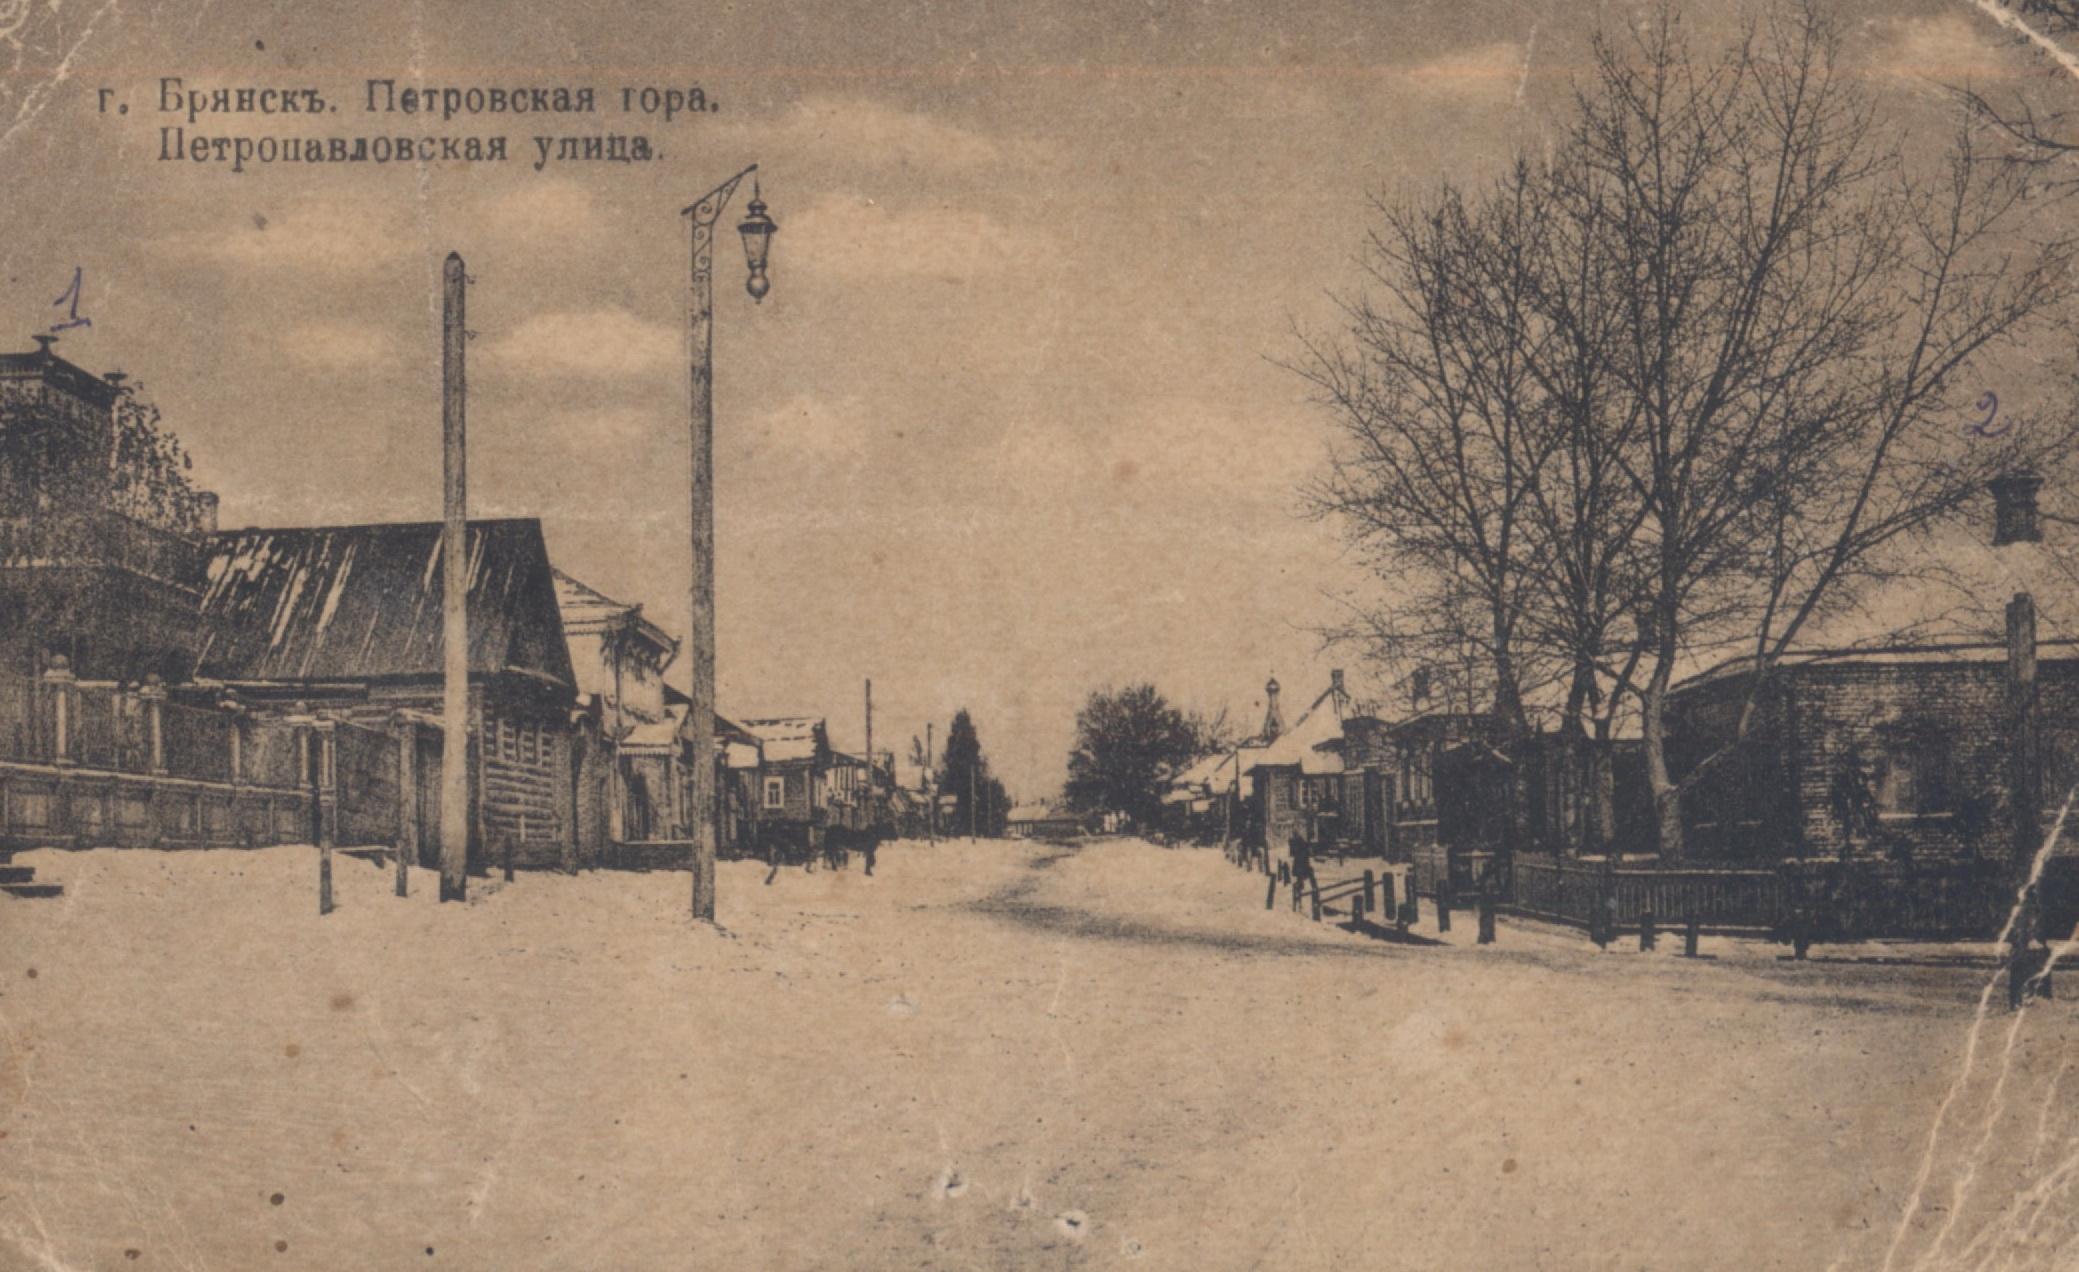 Петровская гора. Петропавловская улица